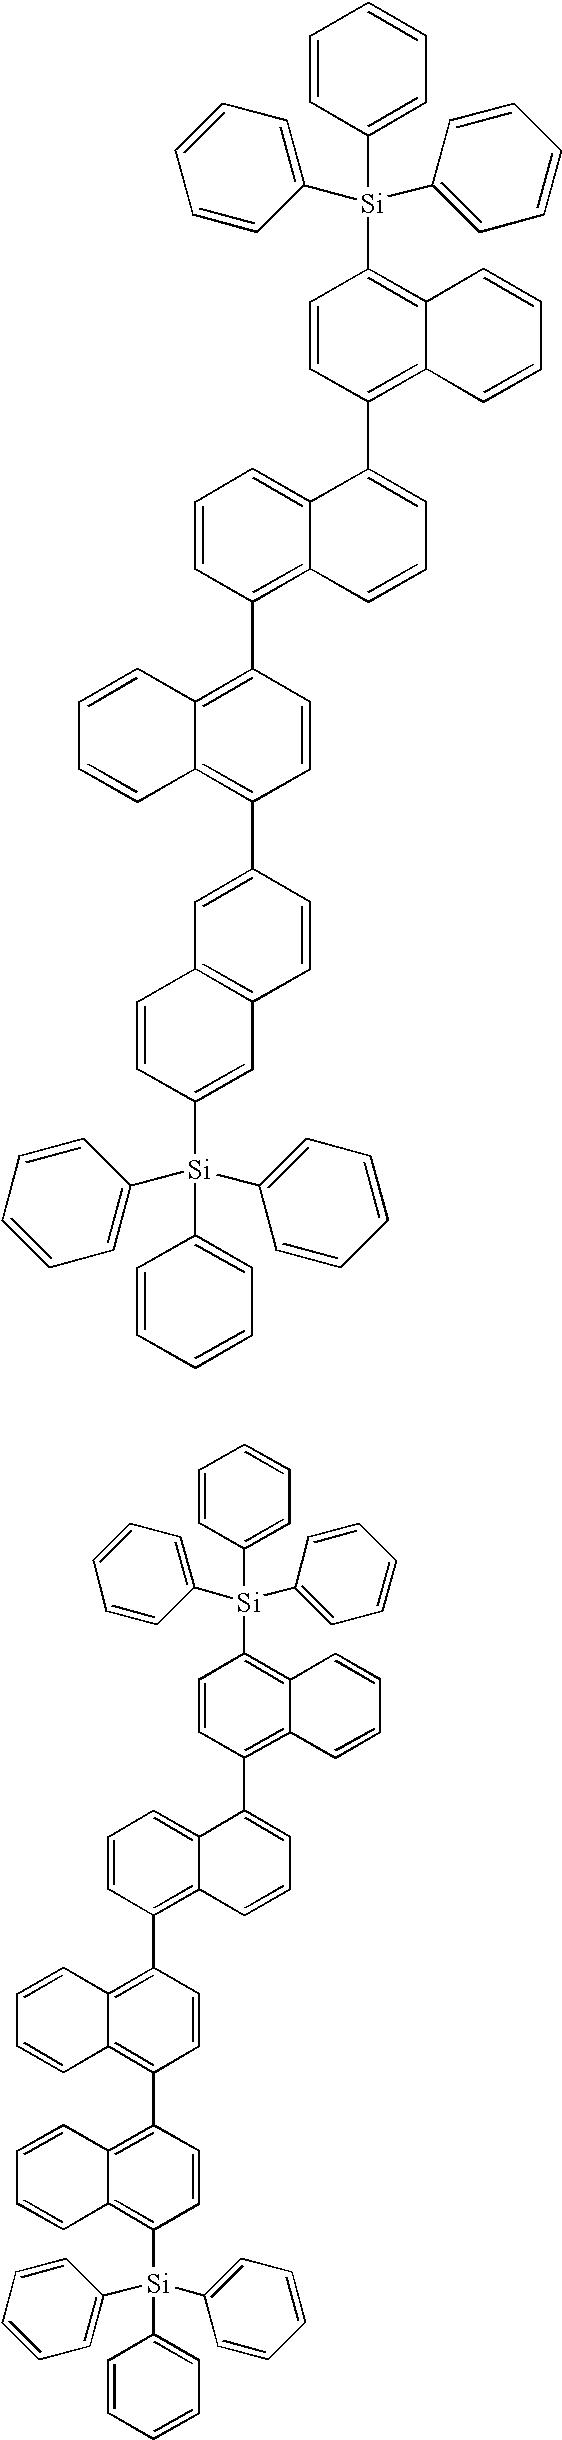 Figure US20100171109A1-20100708-C00097